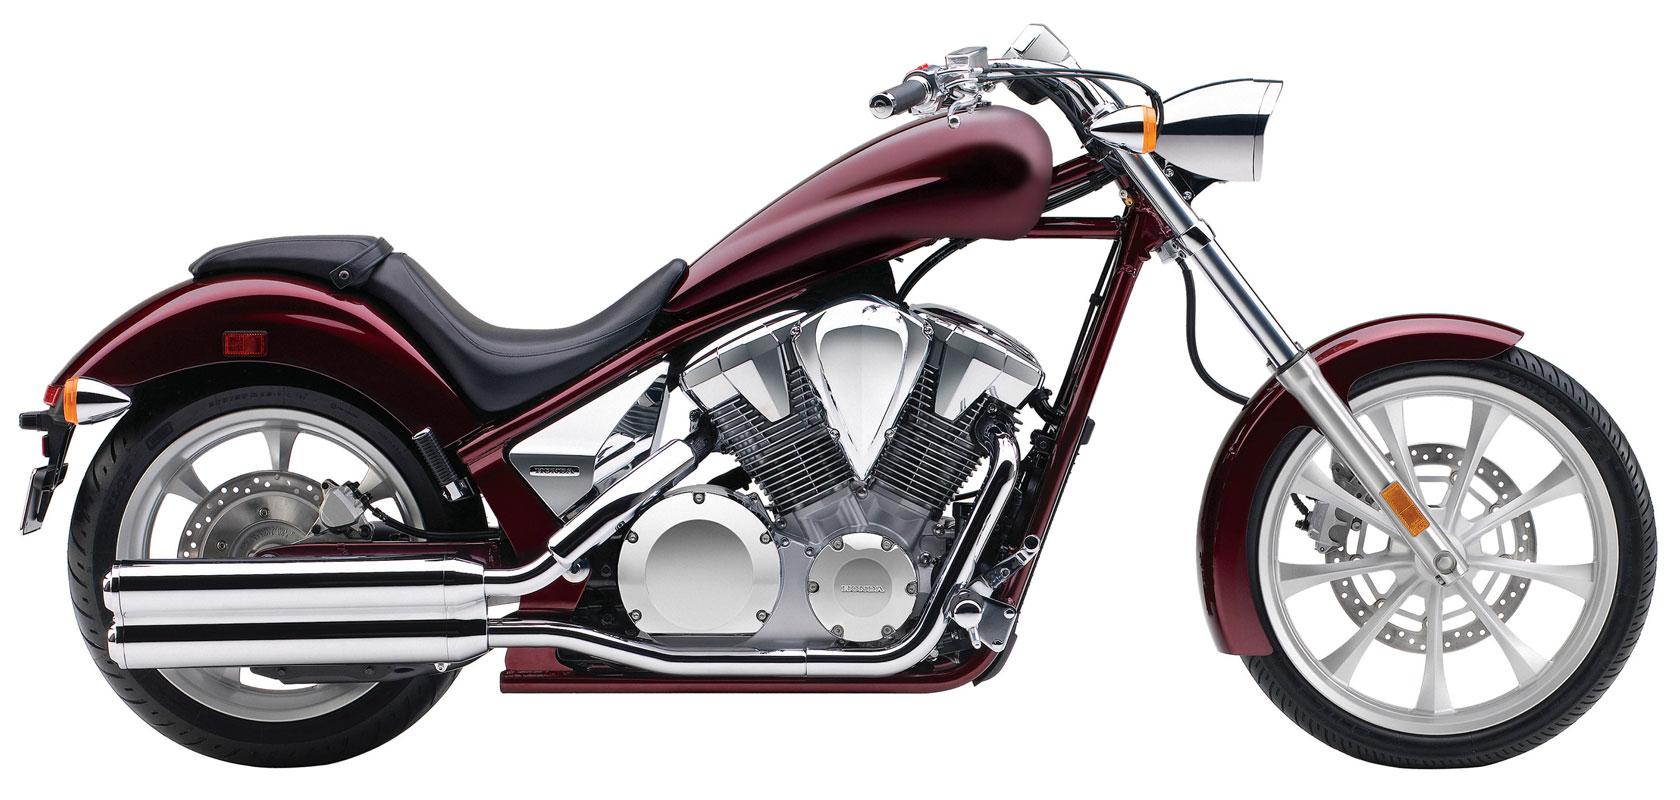 2011 Honda Fury Vt1300cx